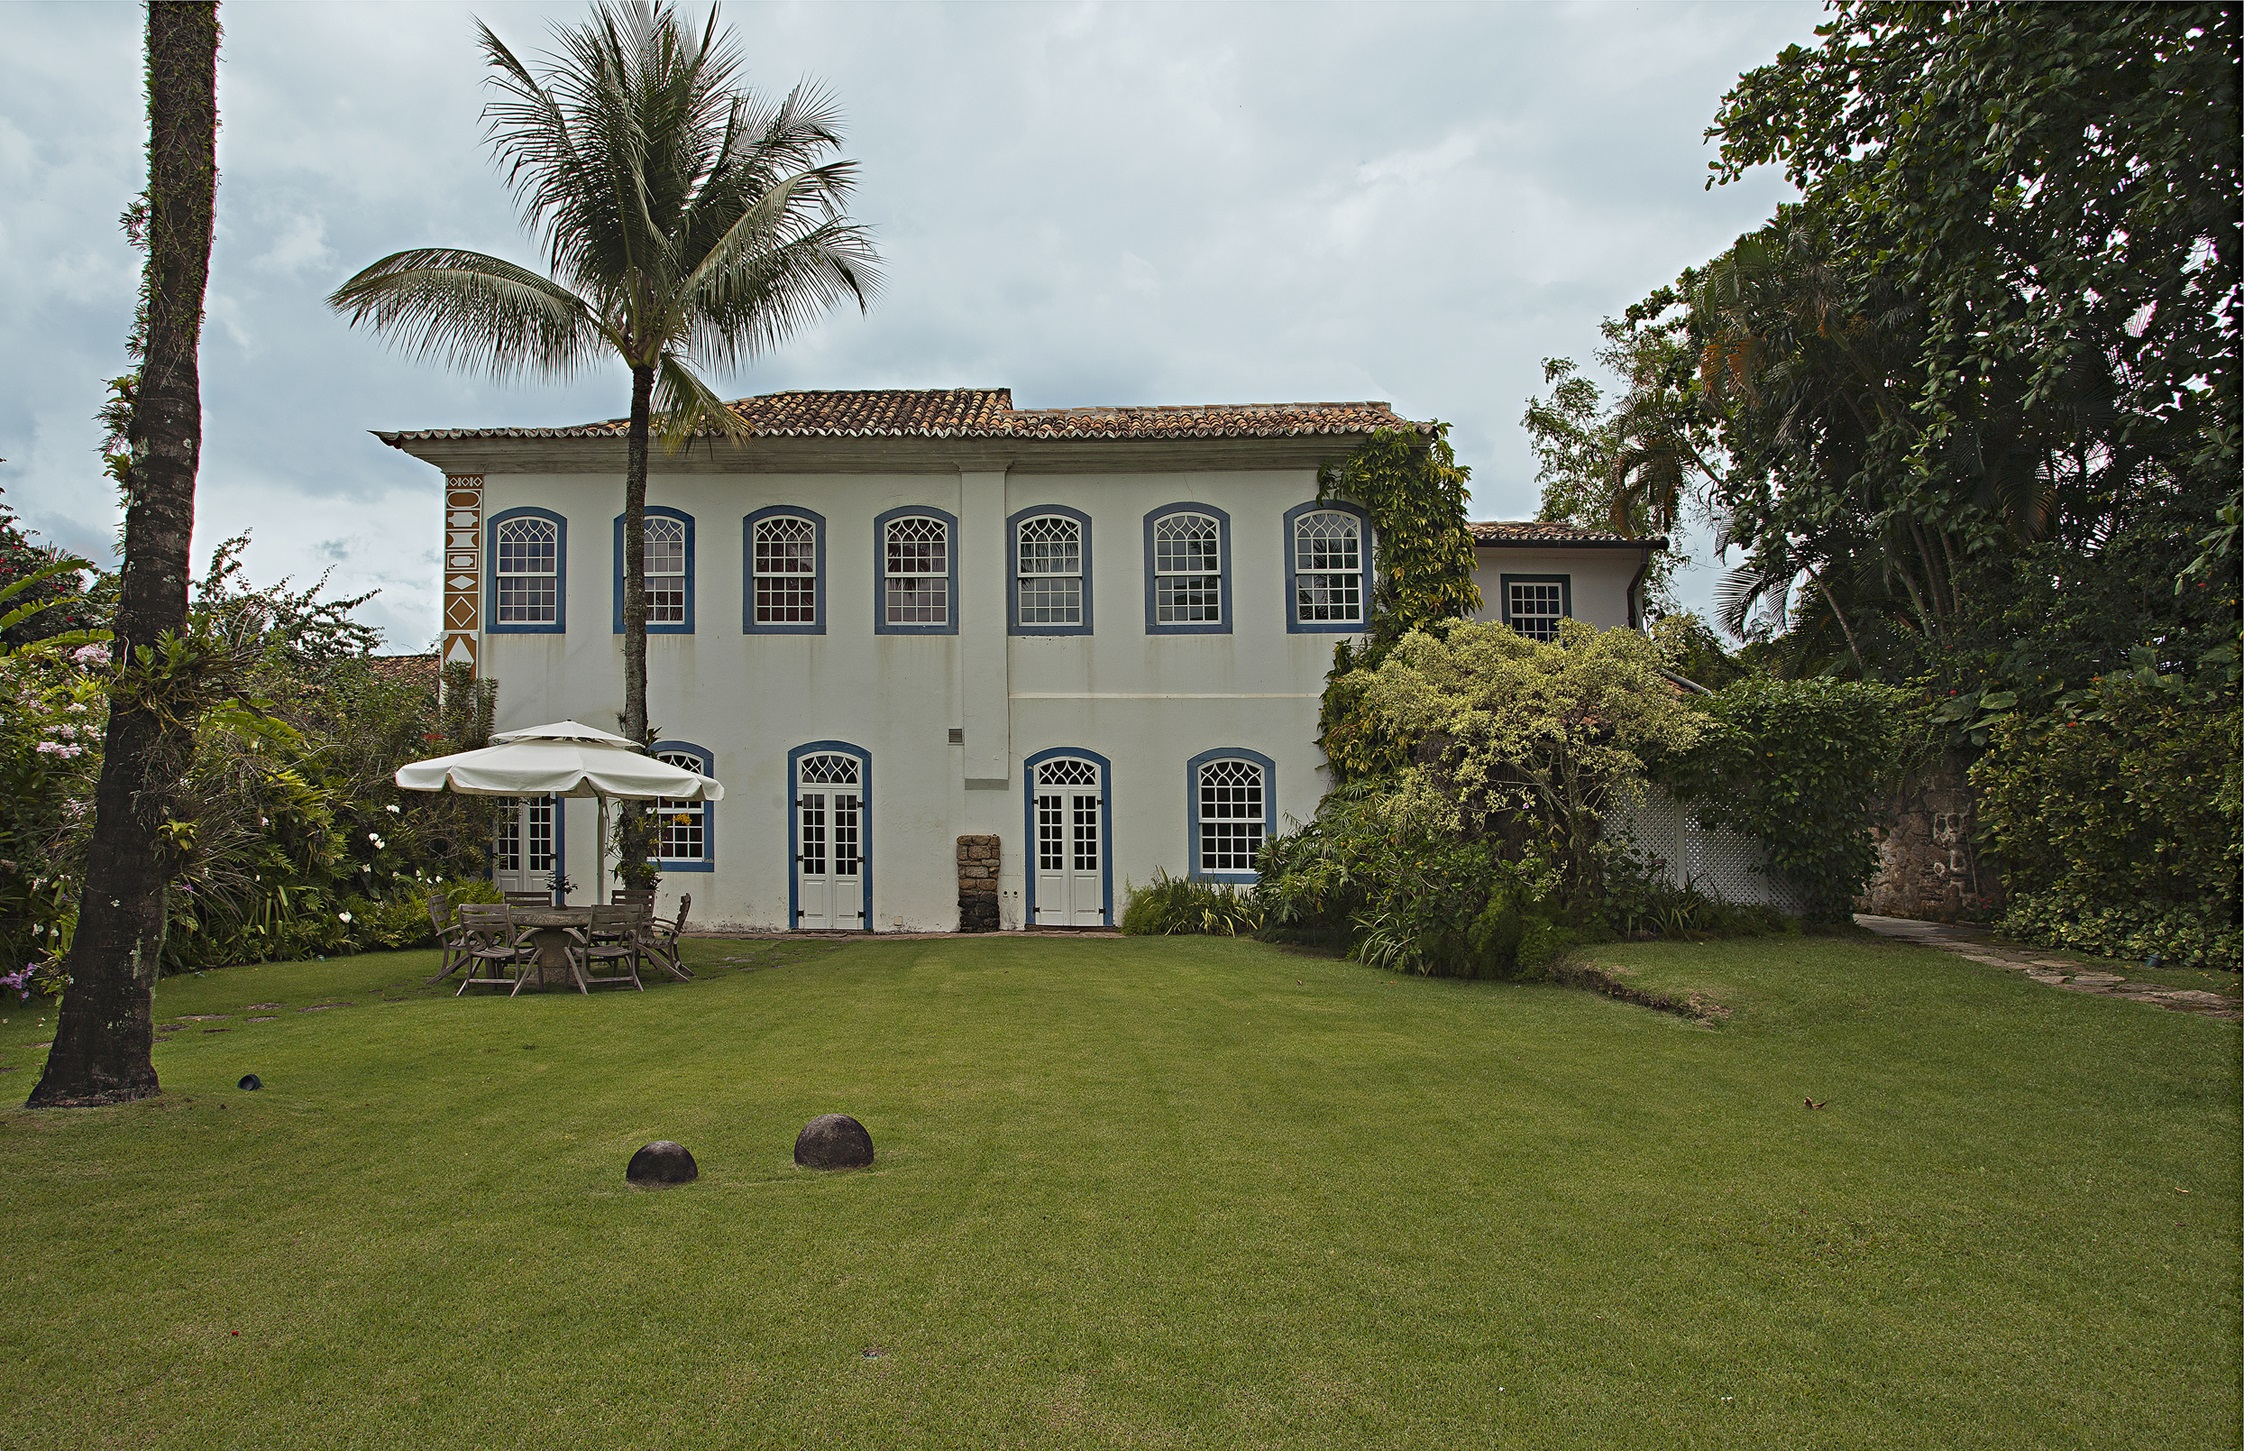 Single Family Home for Sale at Historic Residence Rua Doutor Pereira Paraty, Rio De Janeiro, 23970000 Brazil